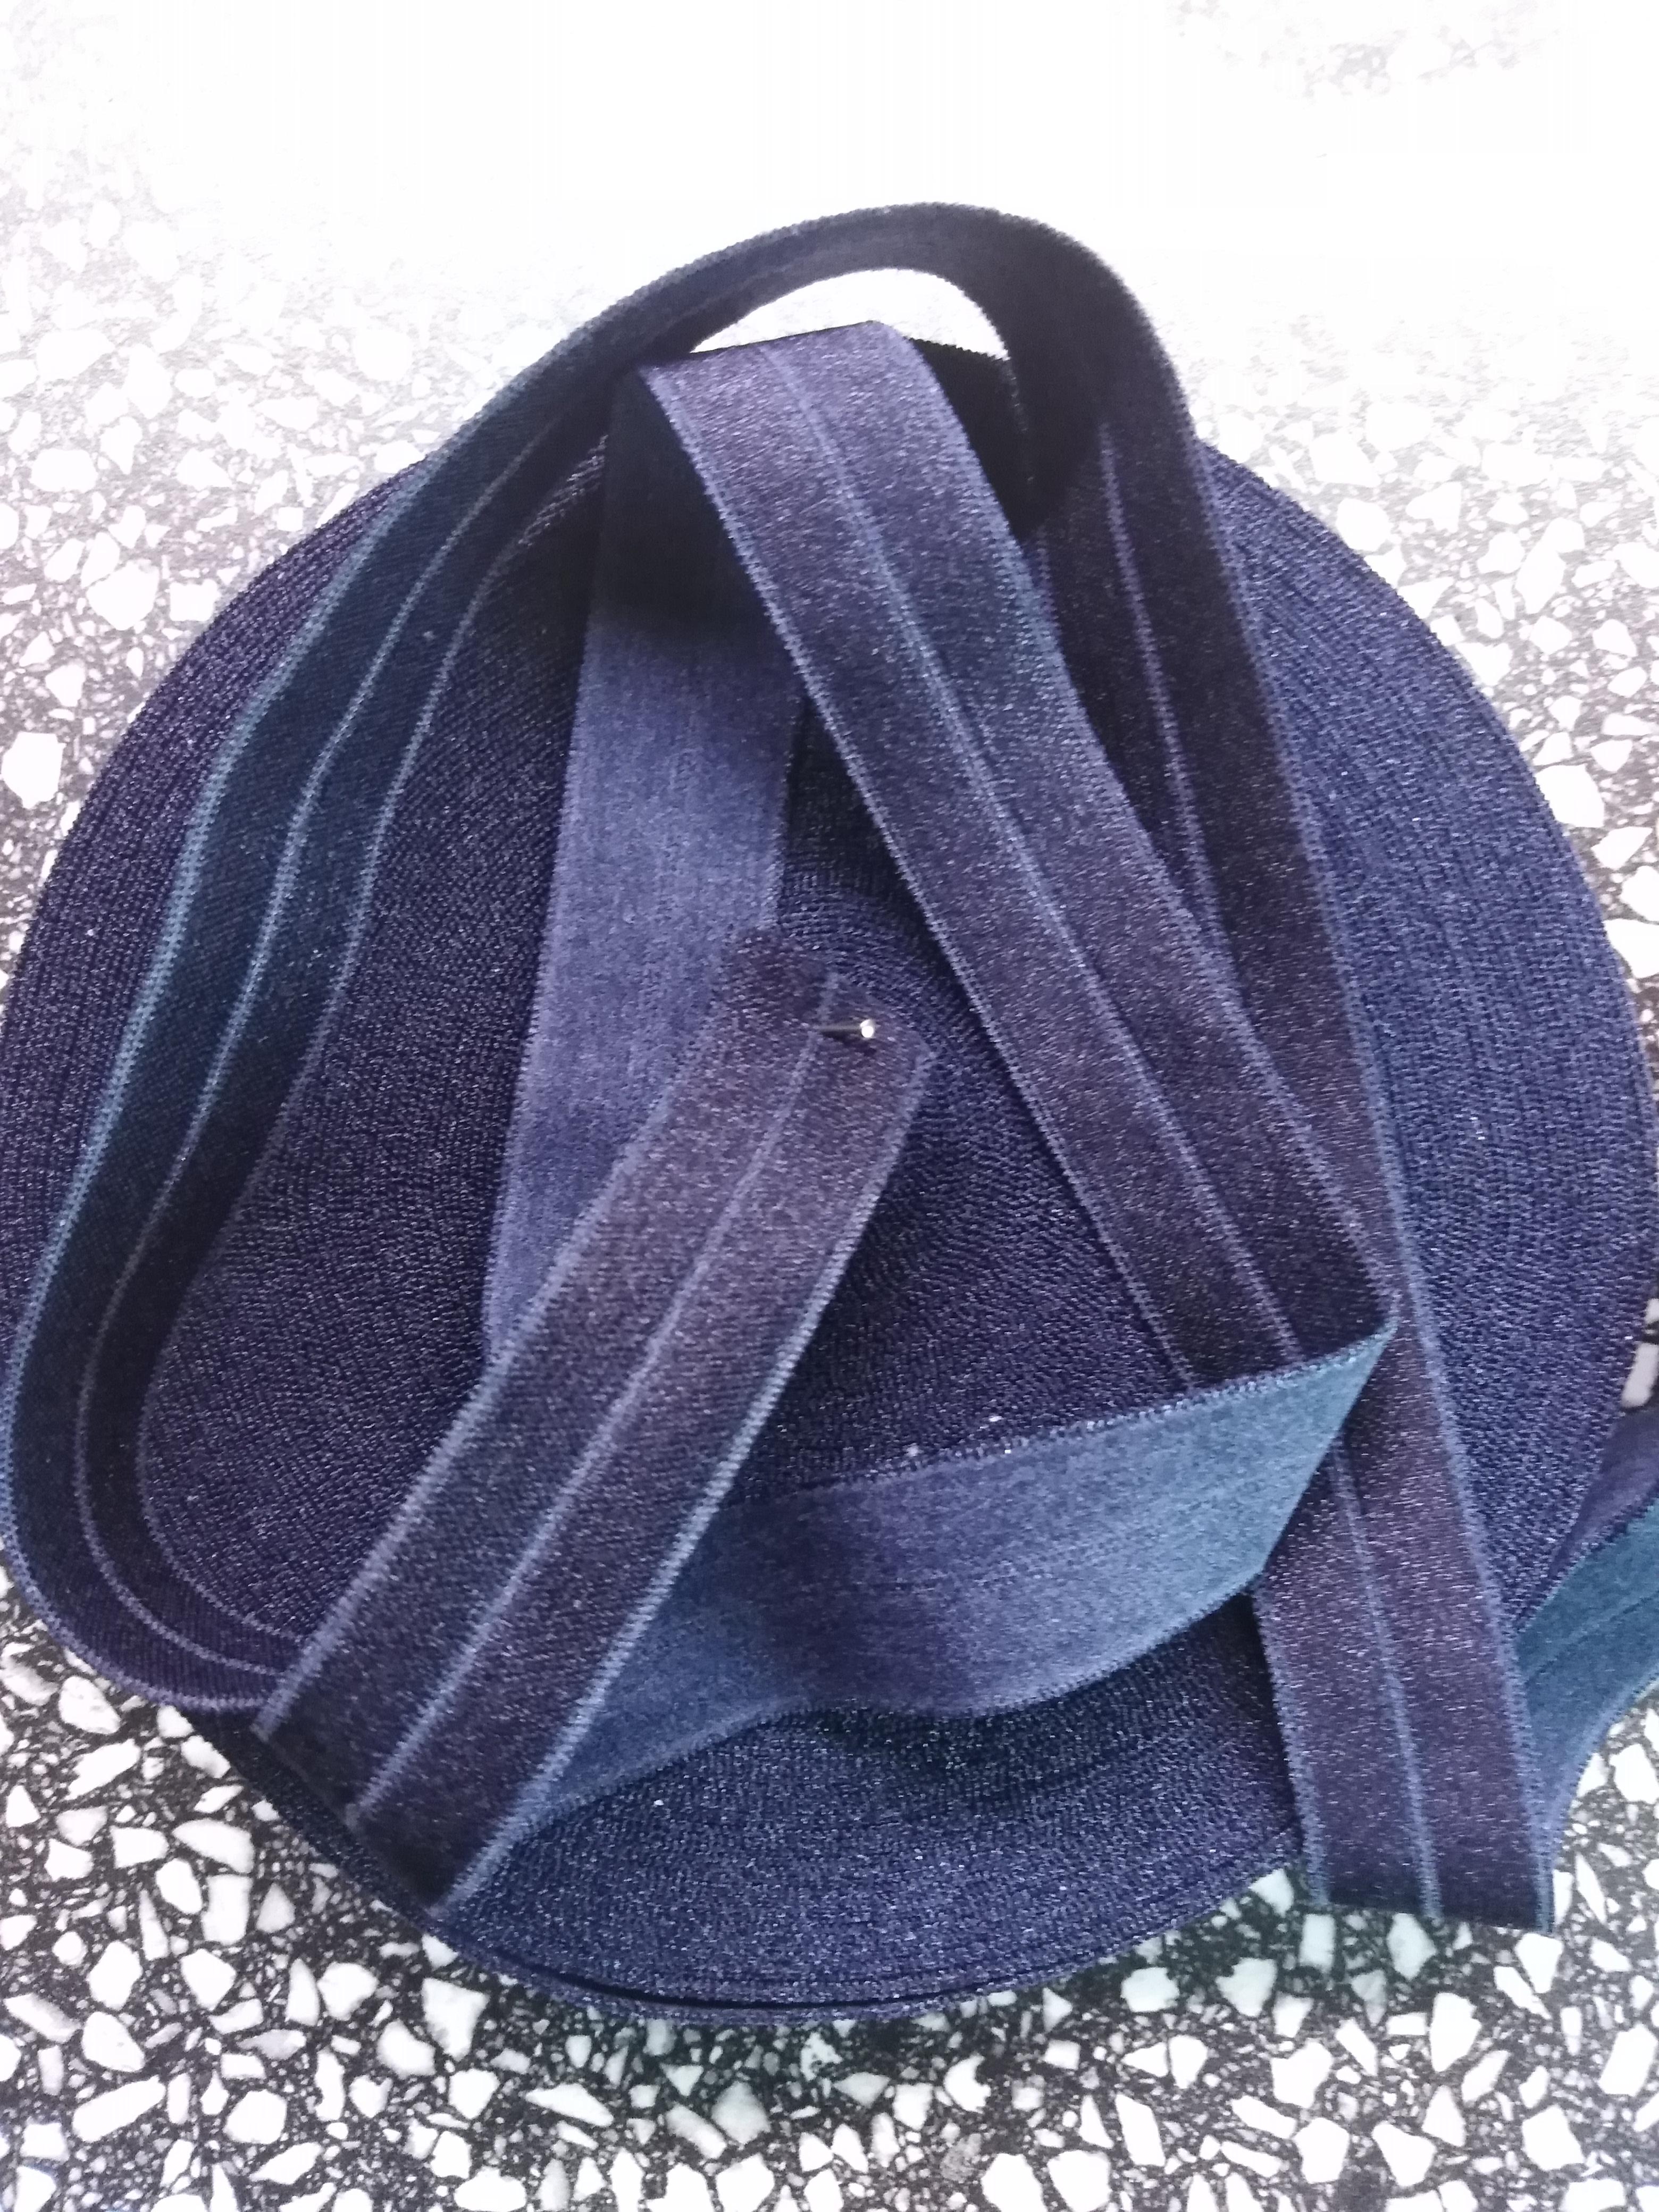 Pruženka lemovací půlená 19 mm tmavě modrá